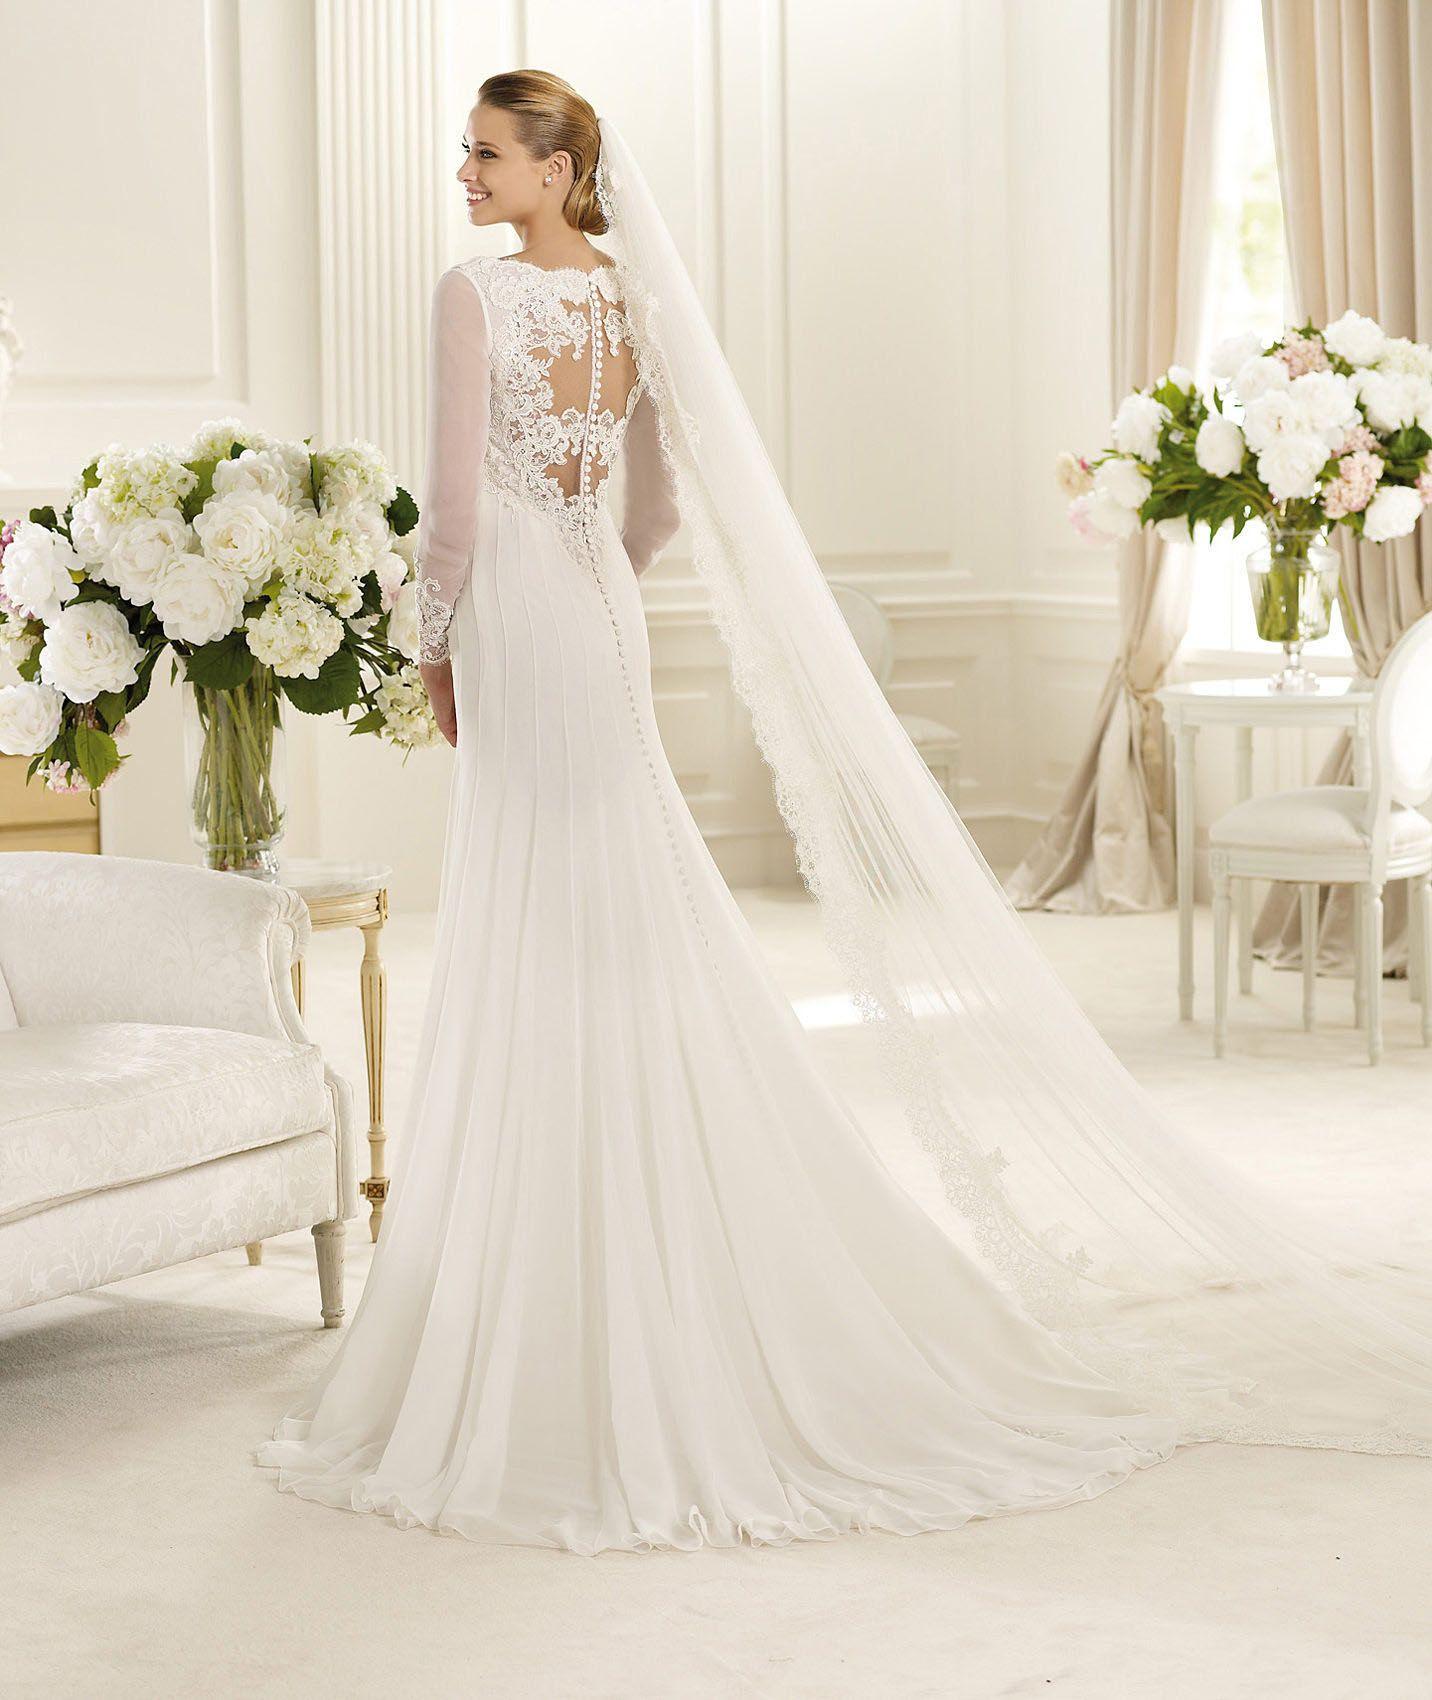 Long Sleeve Lace Wedding Dress Patterns Line Chiffon